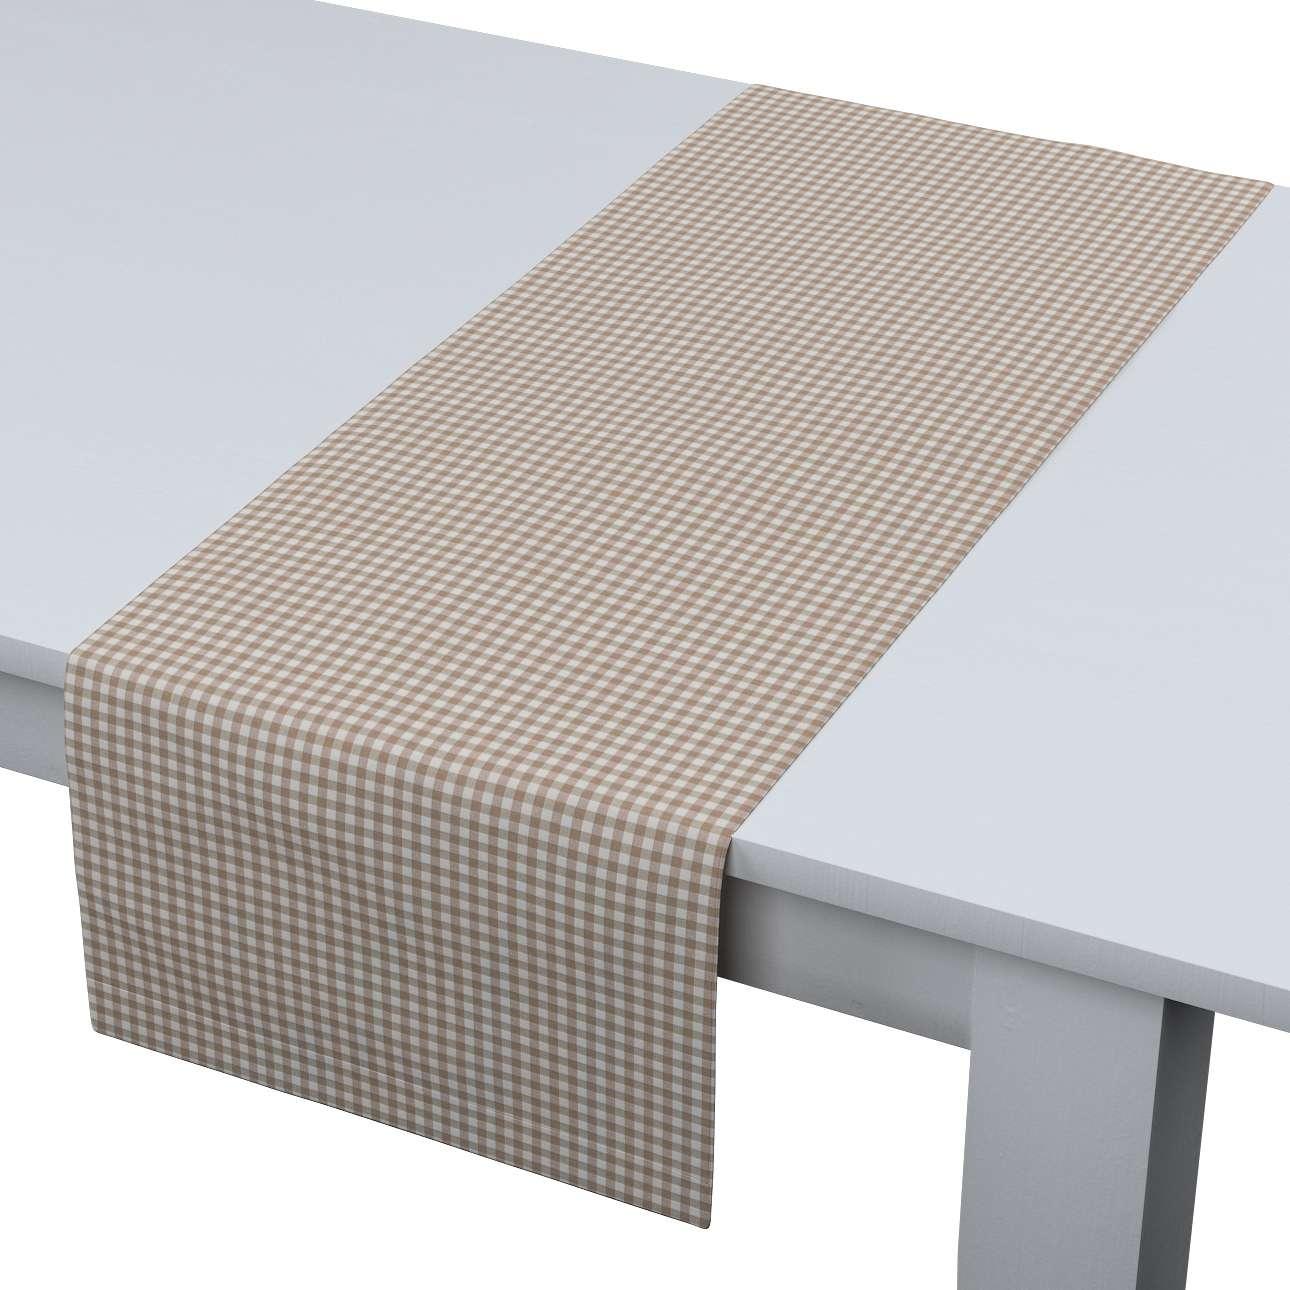 Bieżnik prostokątny 40x130 cm w kolekcji Quadro, tkanina: 136-05